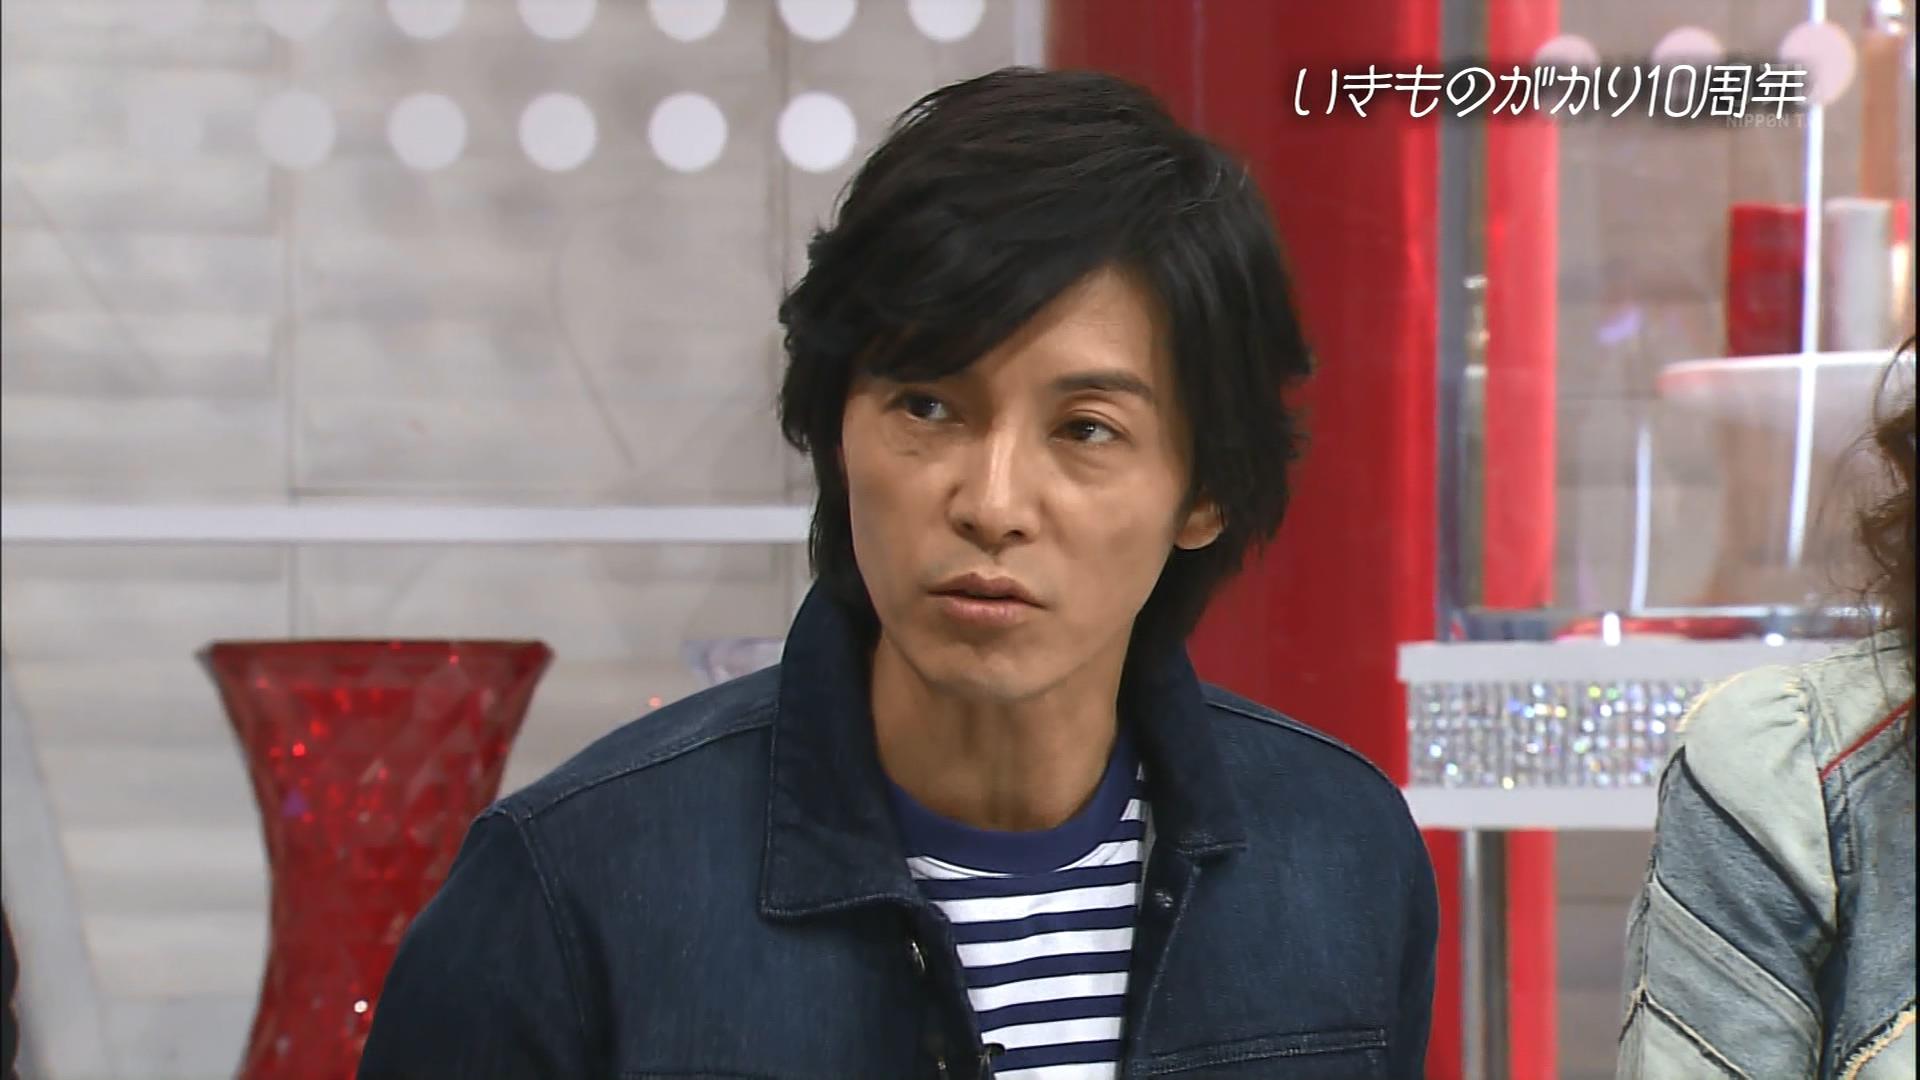 2016.03.13 全場(おしゃれイズム).ts_20160313_222946.728